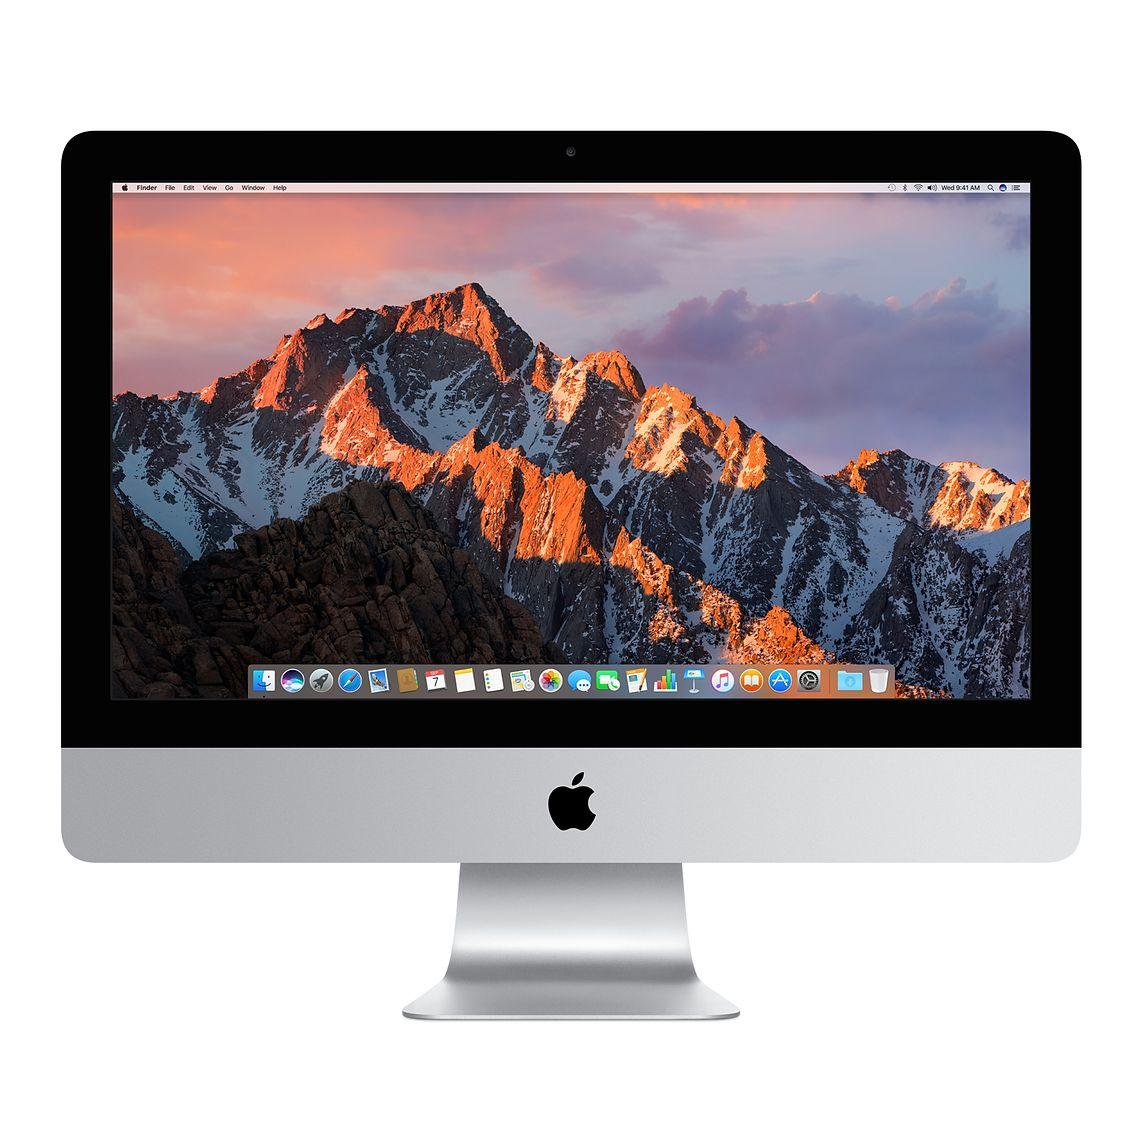 APPLE MMQA2D/A iMac, All-In-One-PC mit 21 Zoll Display, Core i5 Prozessor, 8 GB RAM, 1 TB HDD, Intel® Iris™ Plus-Grafik 640, Silber